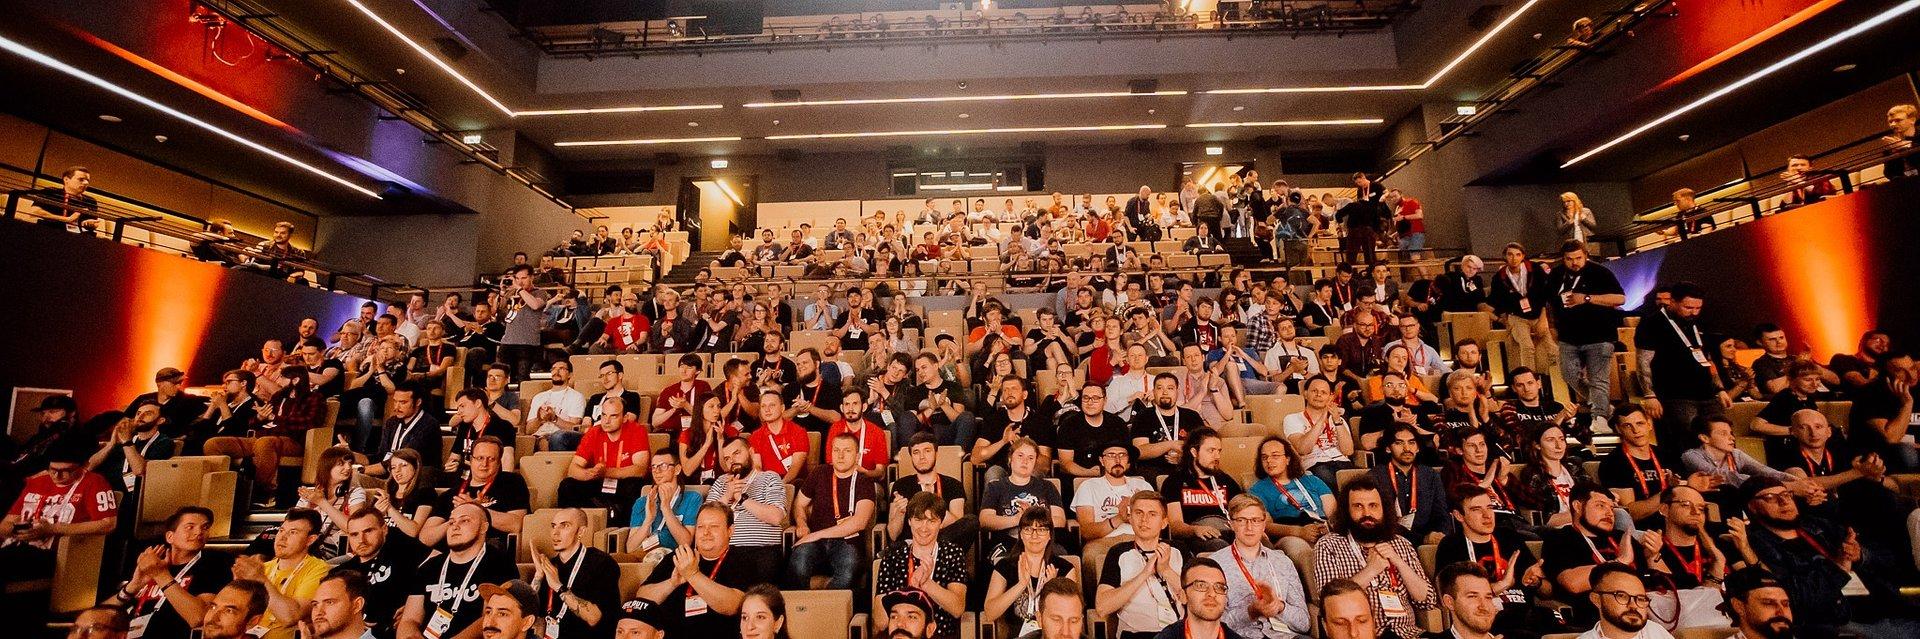 Bogata oferta biznesowa, wartościowe wykłady i mnóstwo atrakcji dla fanów gier - znamy już pełny program konferencji Digital Dragons